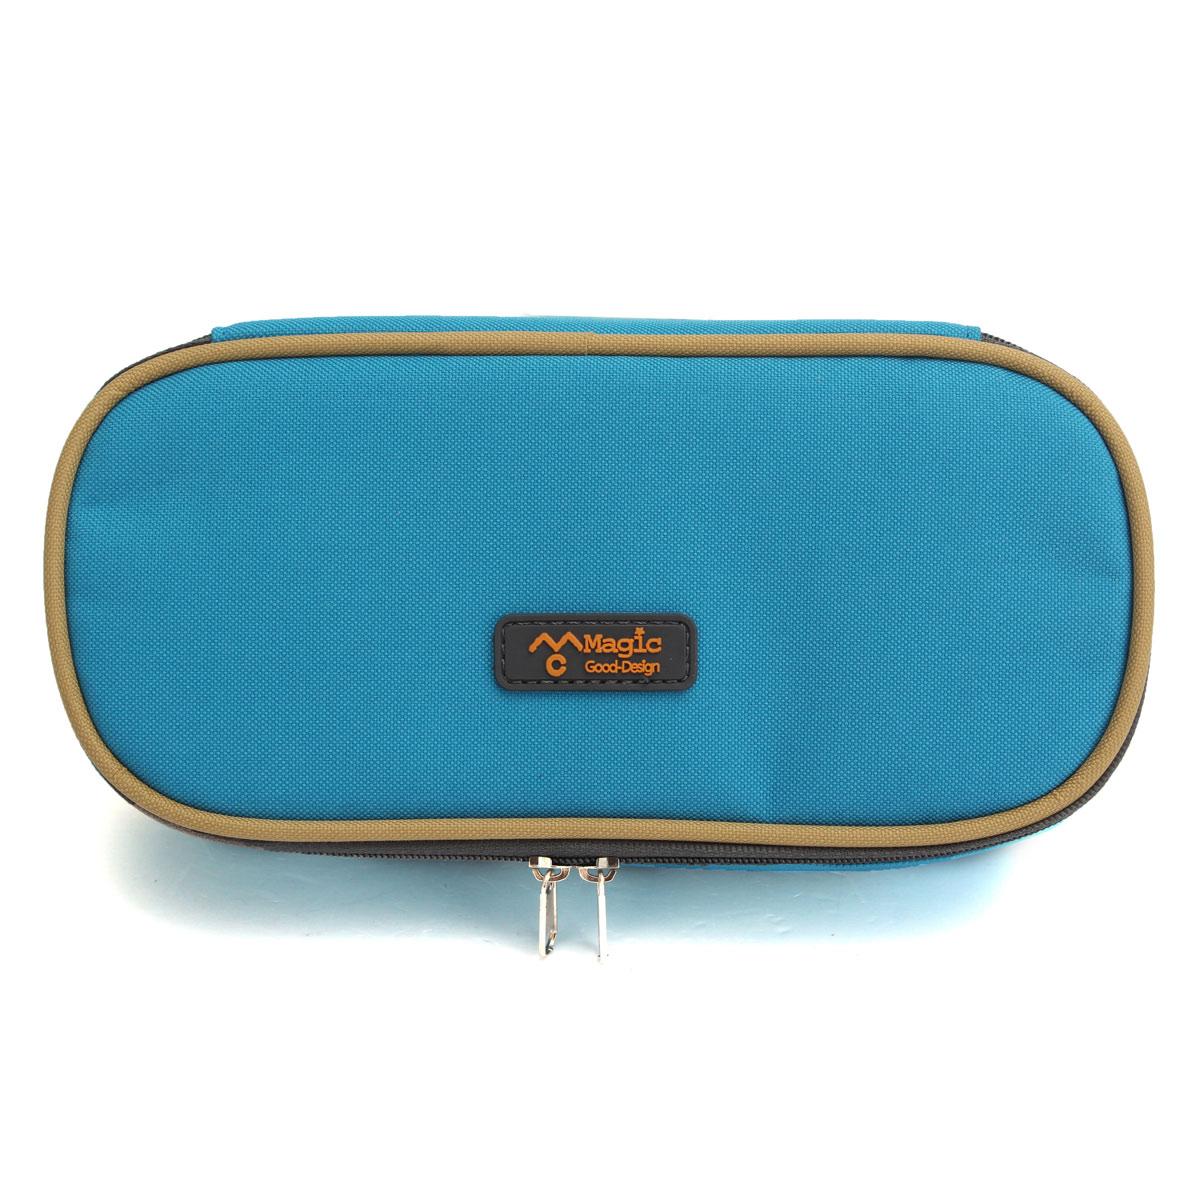 New Colorful Canvas Zipper Pencil Case Pen Cosmetic Travel Makeup Bags Handbag